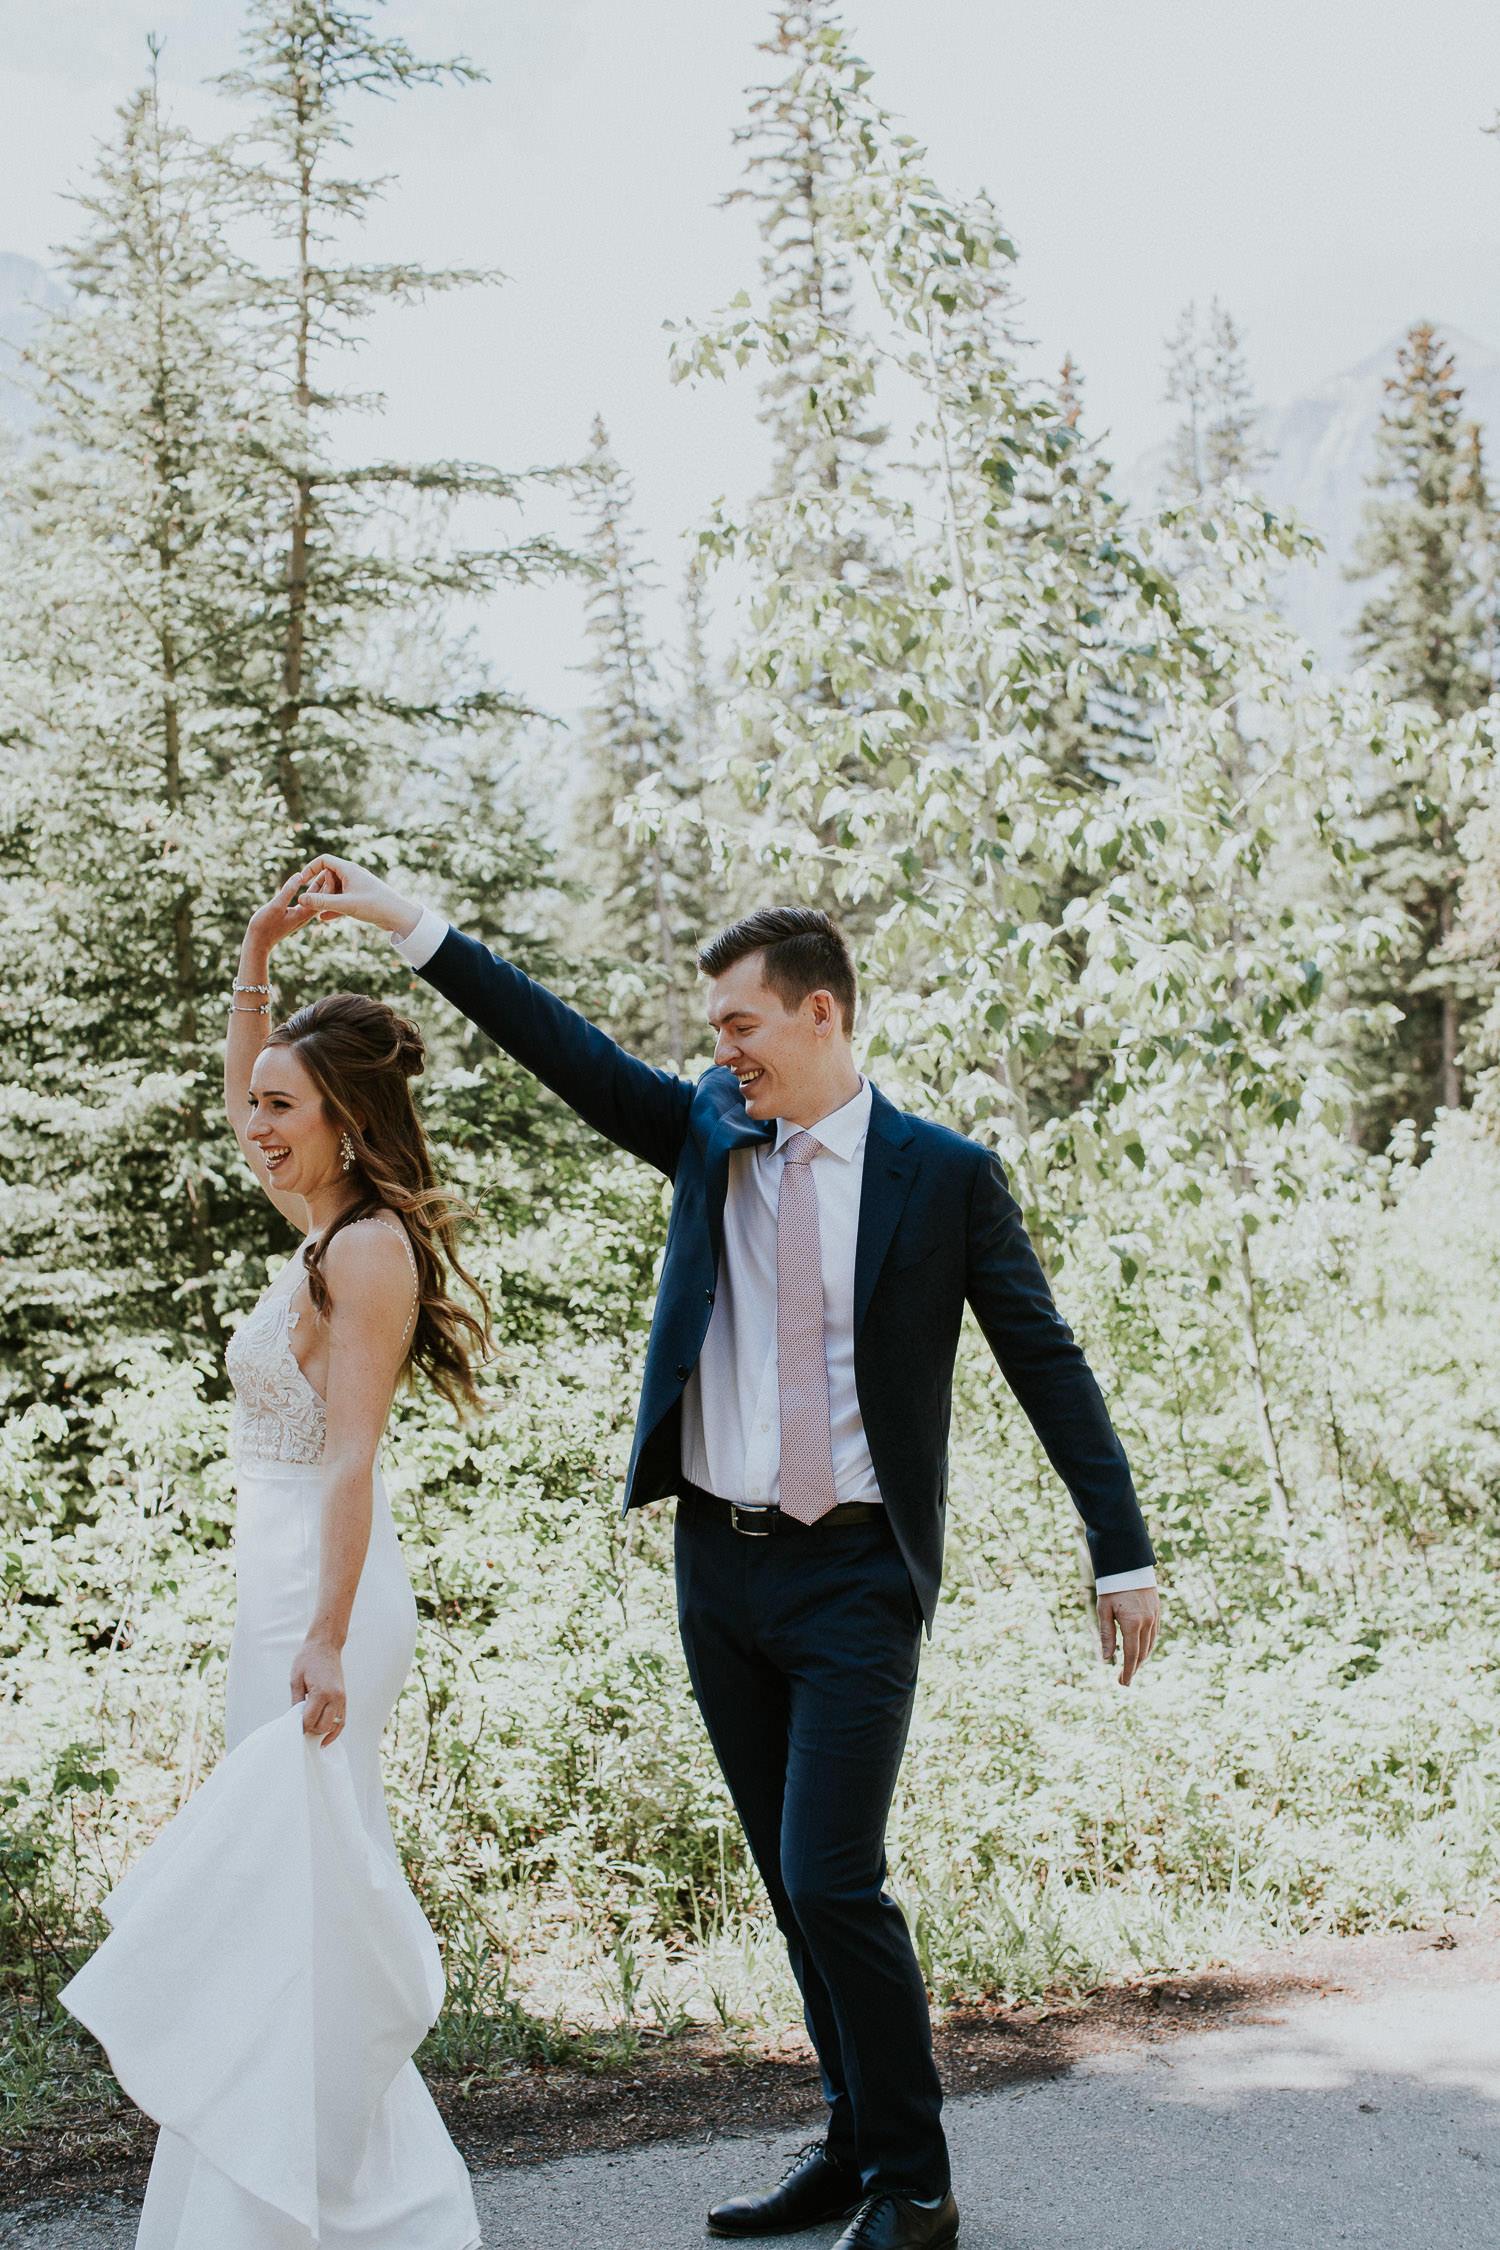 stewart-creek-wedding-sarah-pukin-090